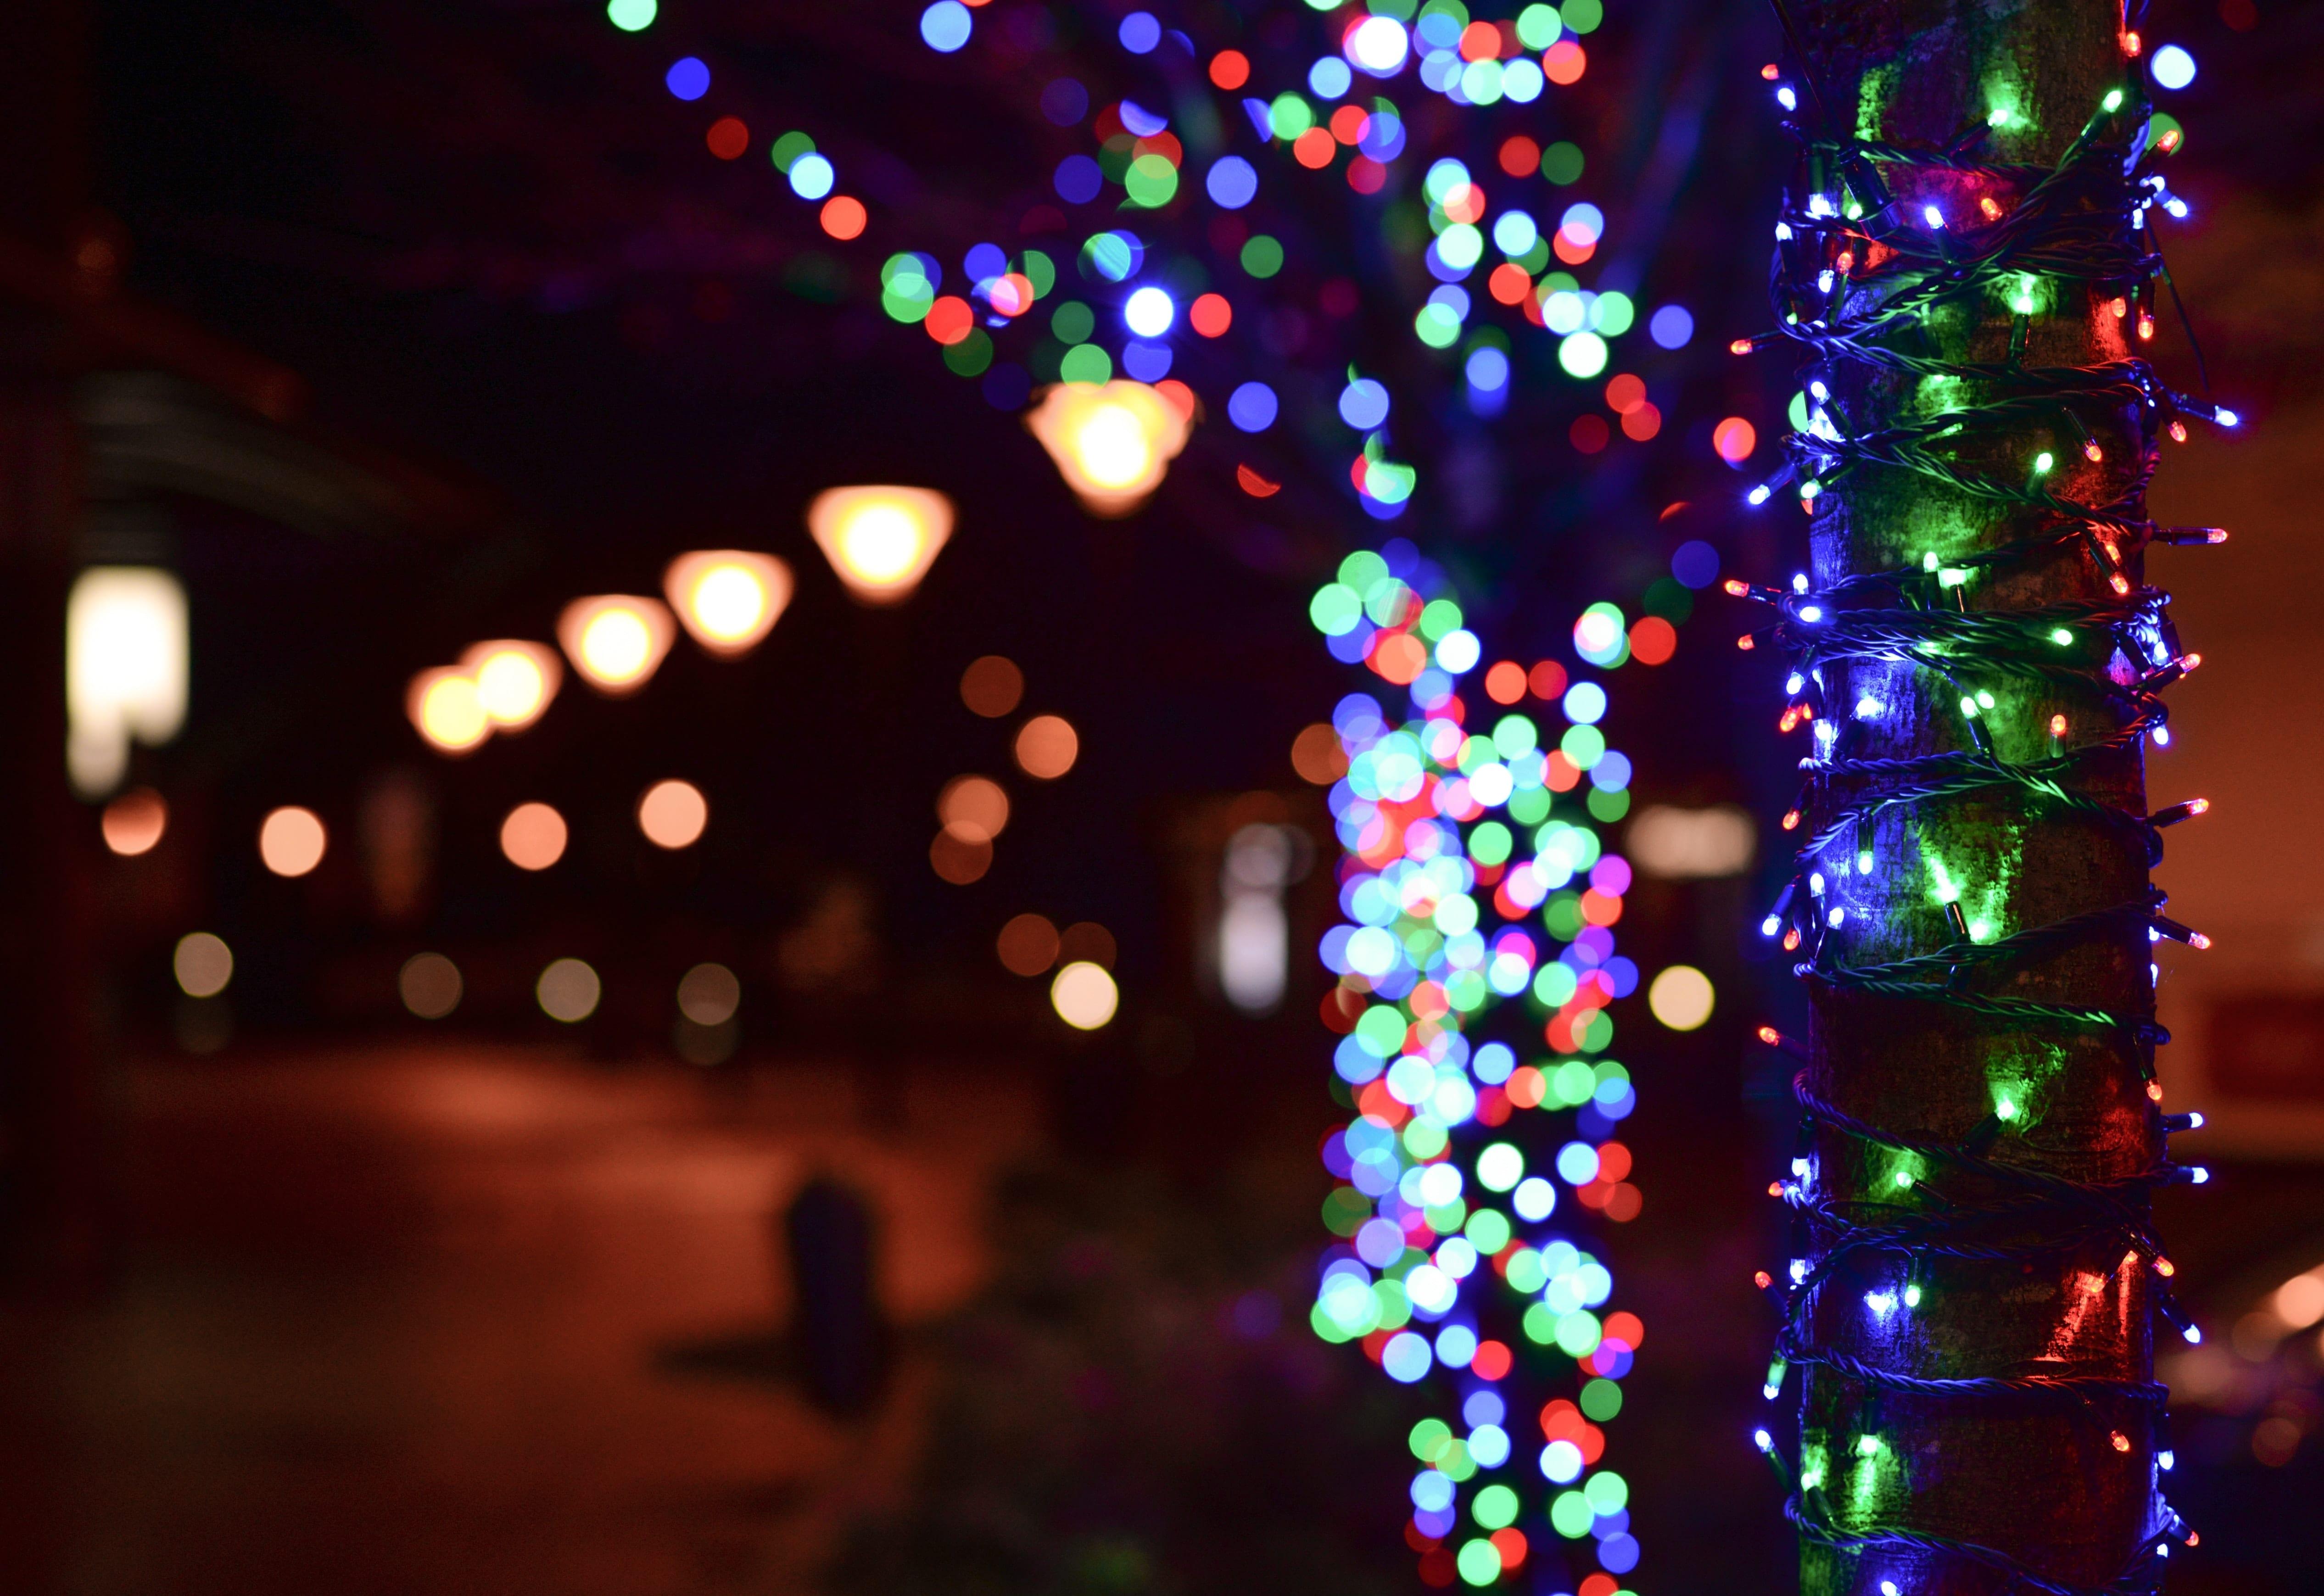 blur-blurred-blurry-722680